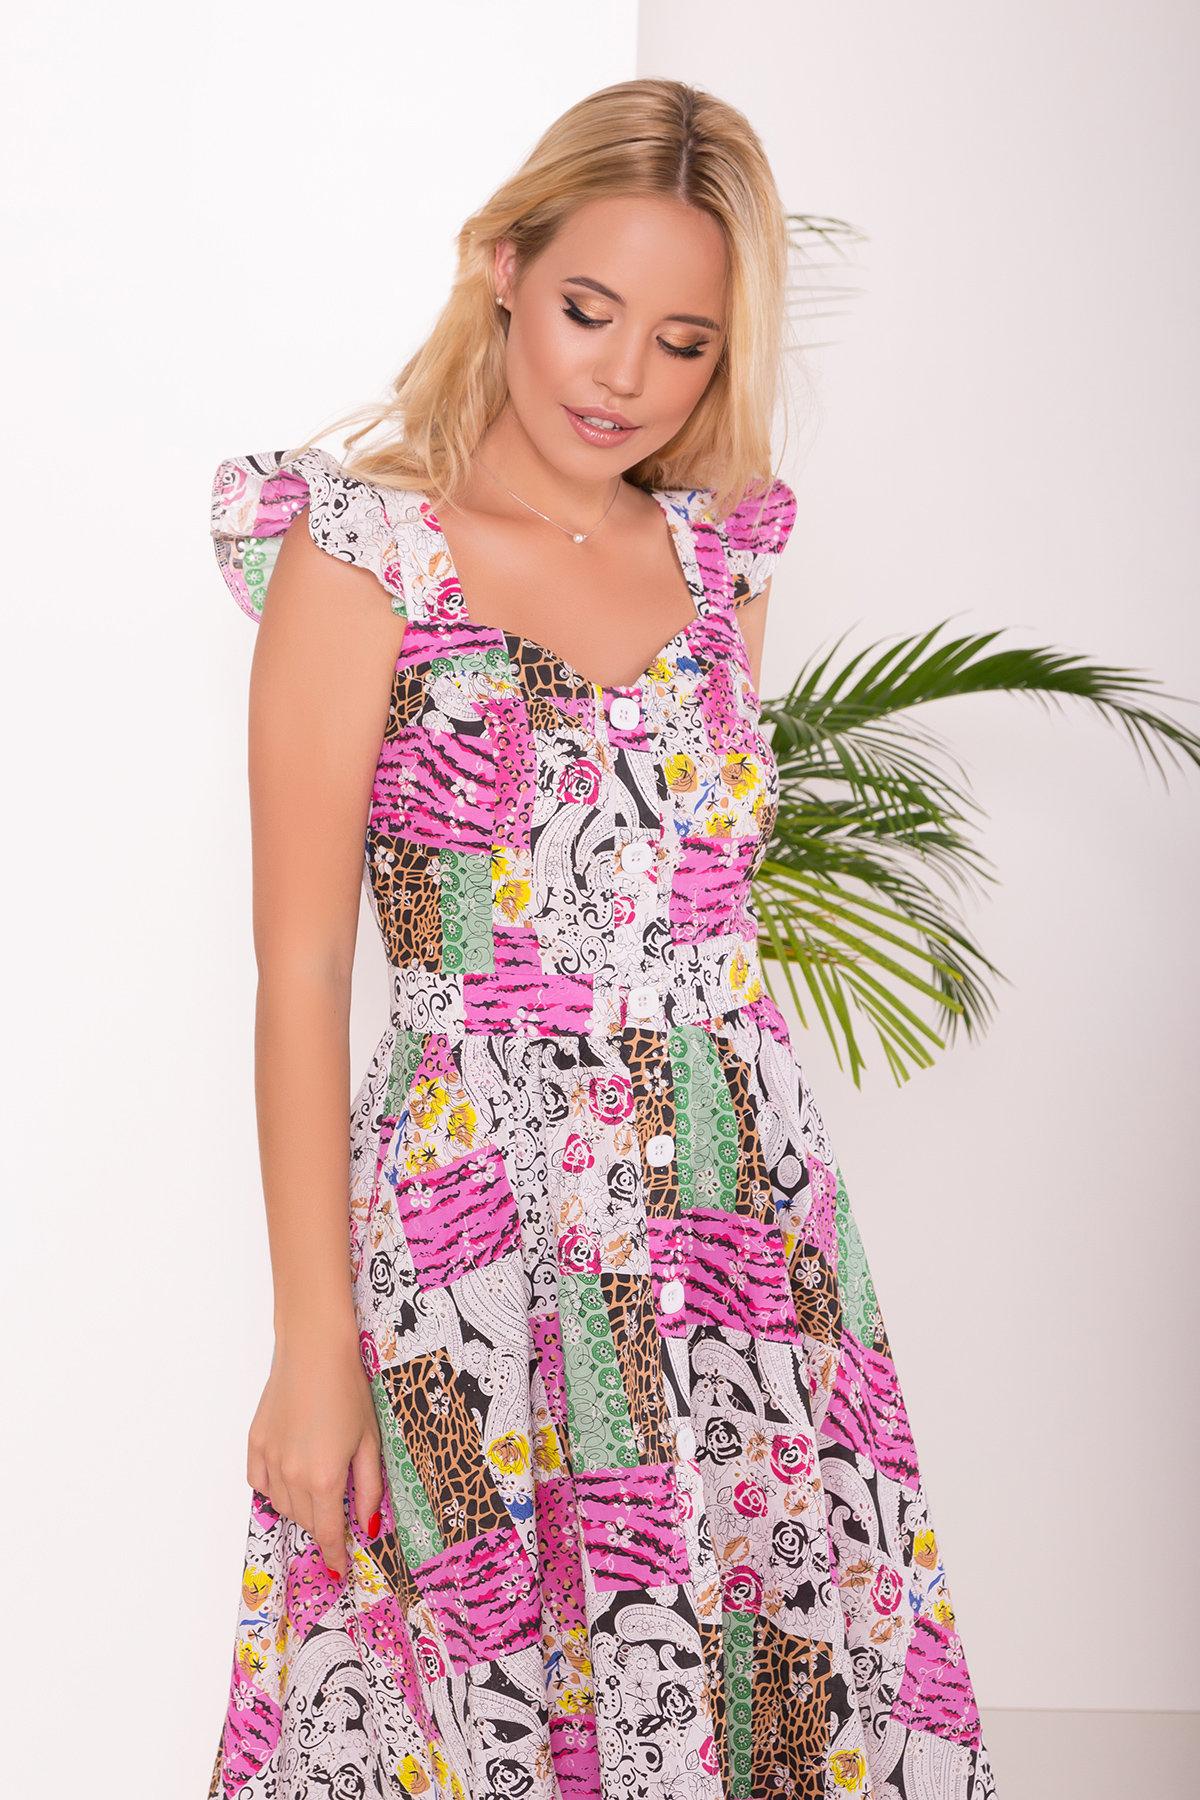 Платье ниже колена Ундина 7628 АРТ. 43551 Цвет: Жираф - фото 3, интернет магазин tm-modus.ru